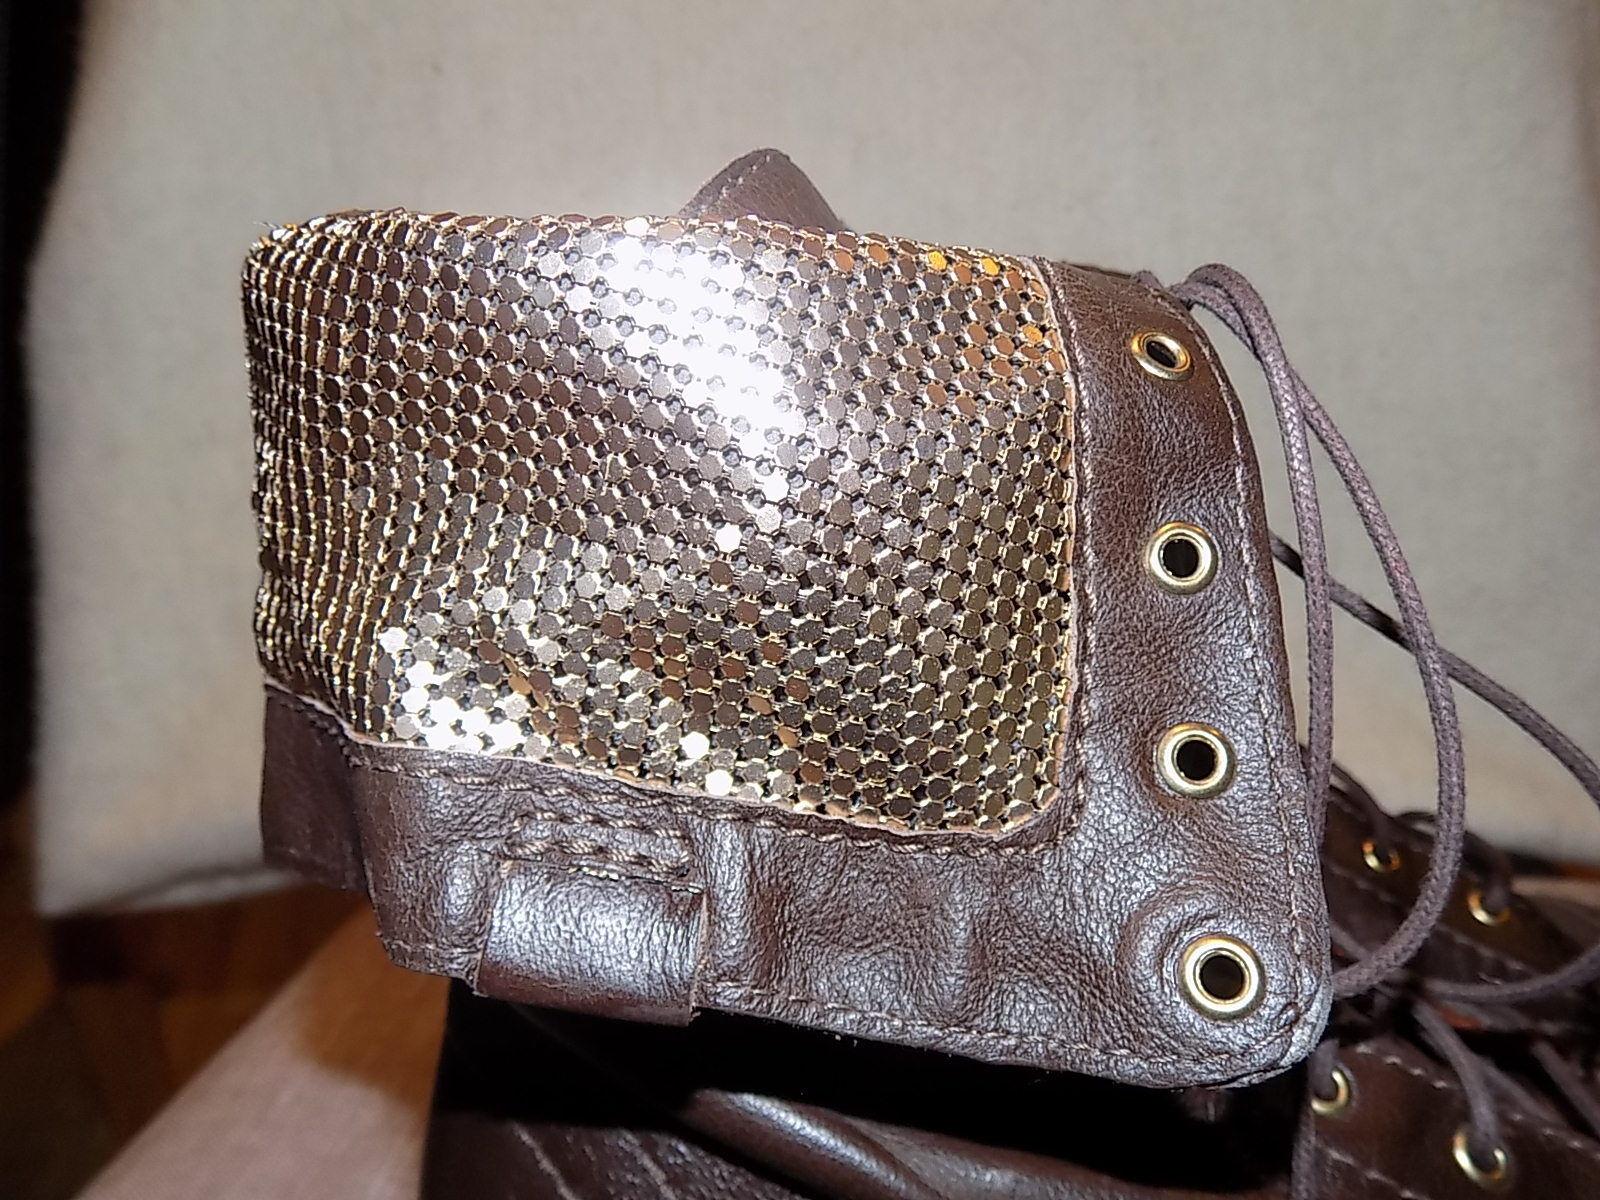 SCHUTZ combat Stiefel  Größe 7 Braun/gold details details Braun/gold Leder lace up brand new fa2962